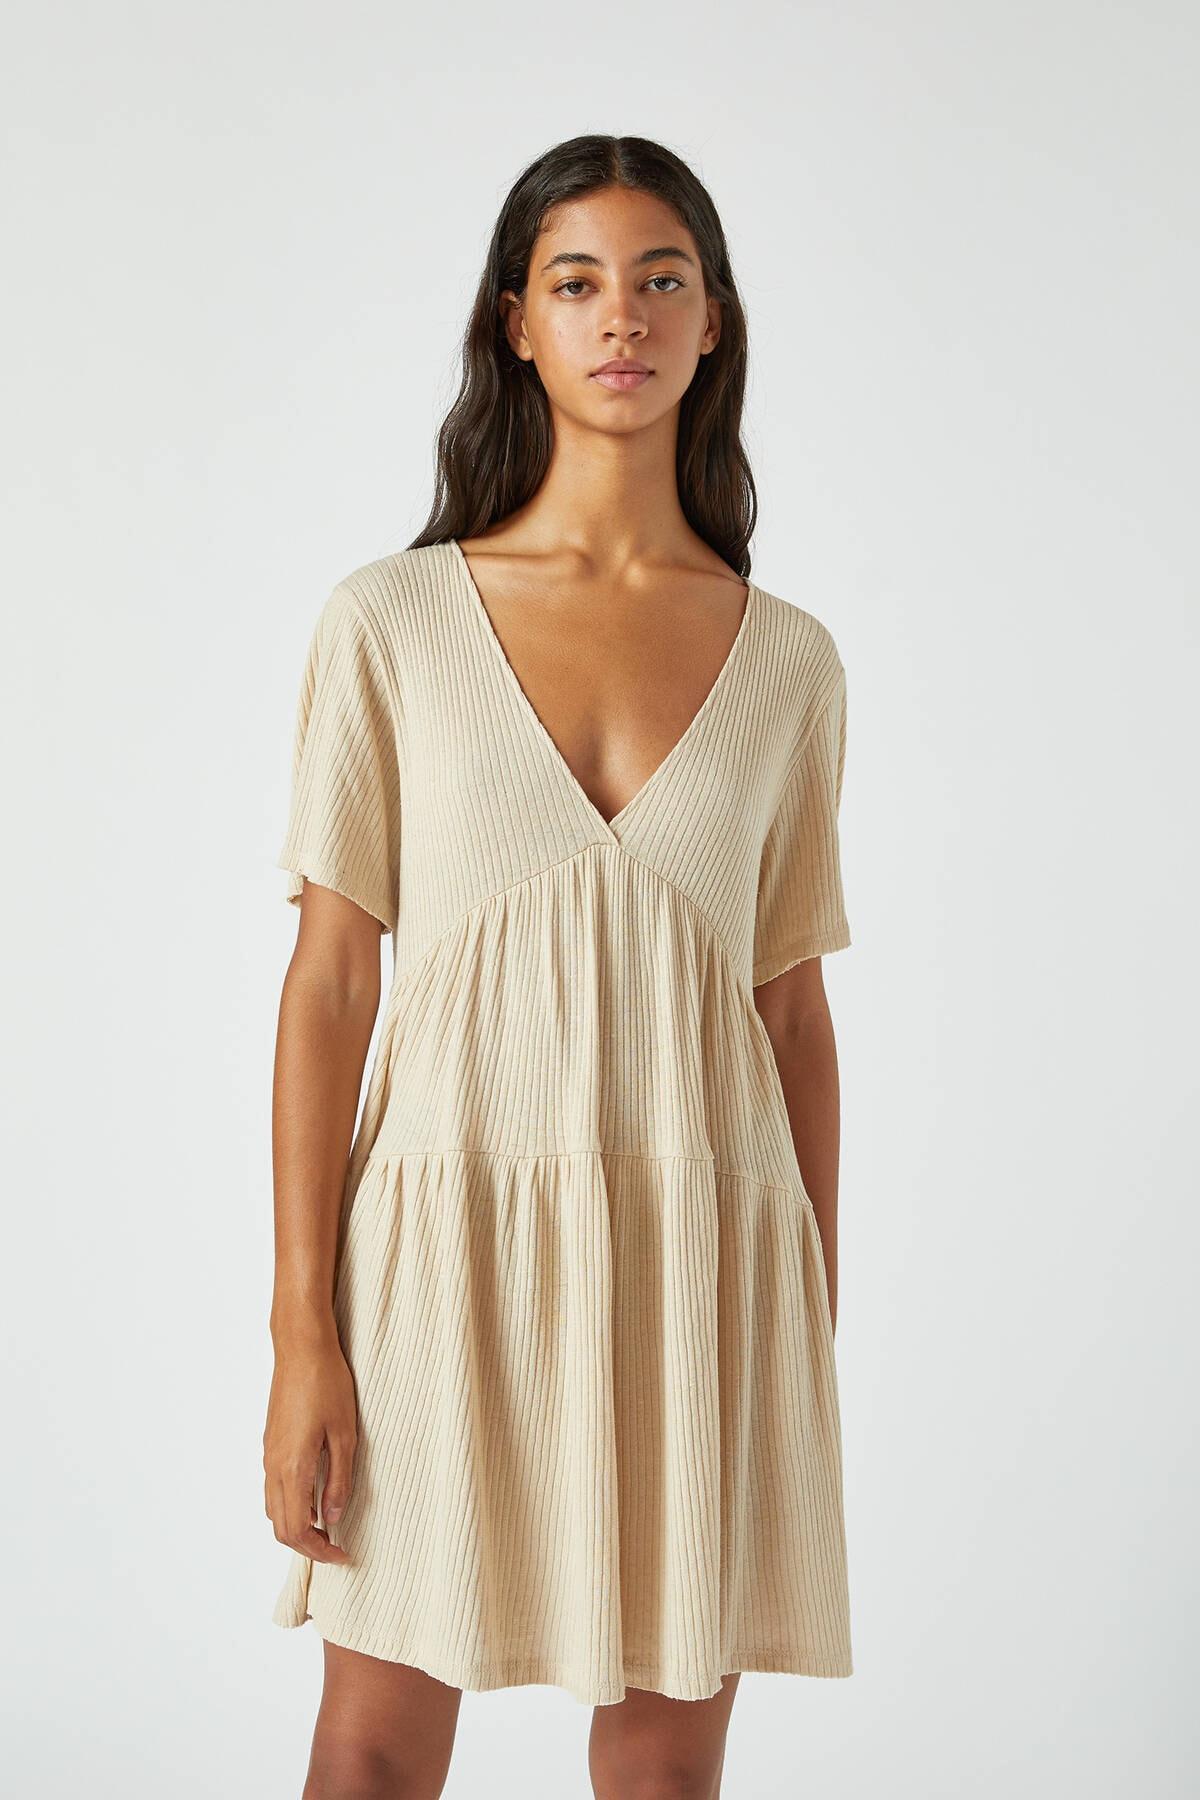 Pull & Bear Kadın Kum Rengi Volanlı Tasarımlı Dökümlü Elbise 05392321